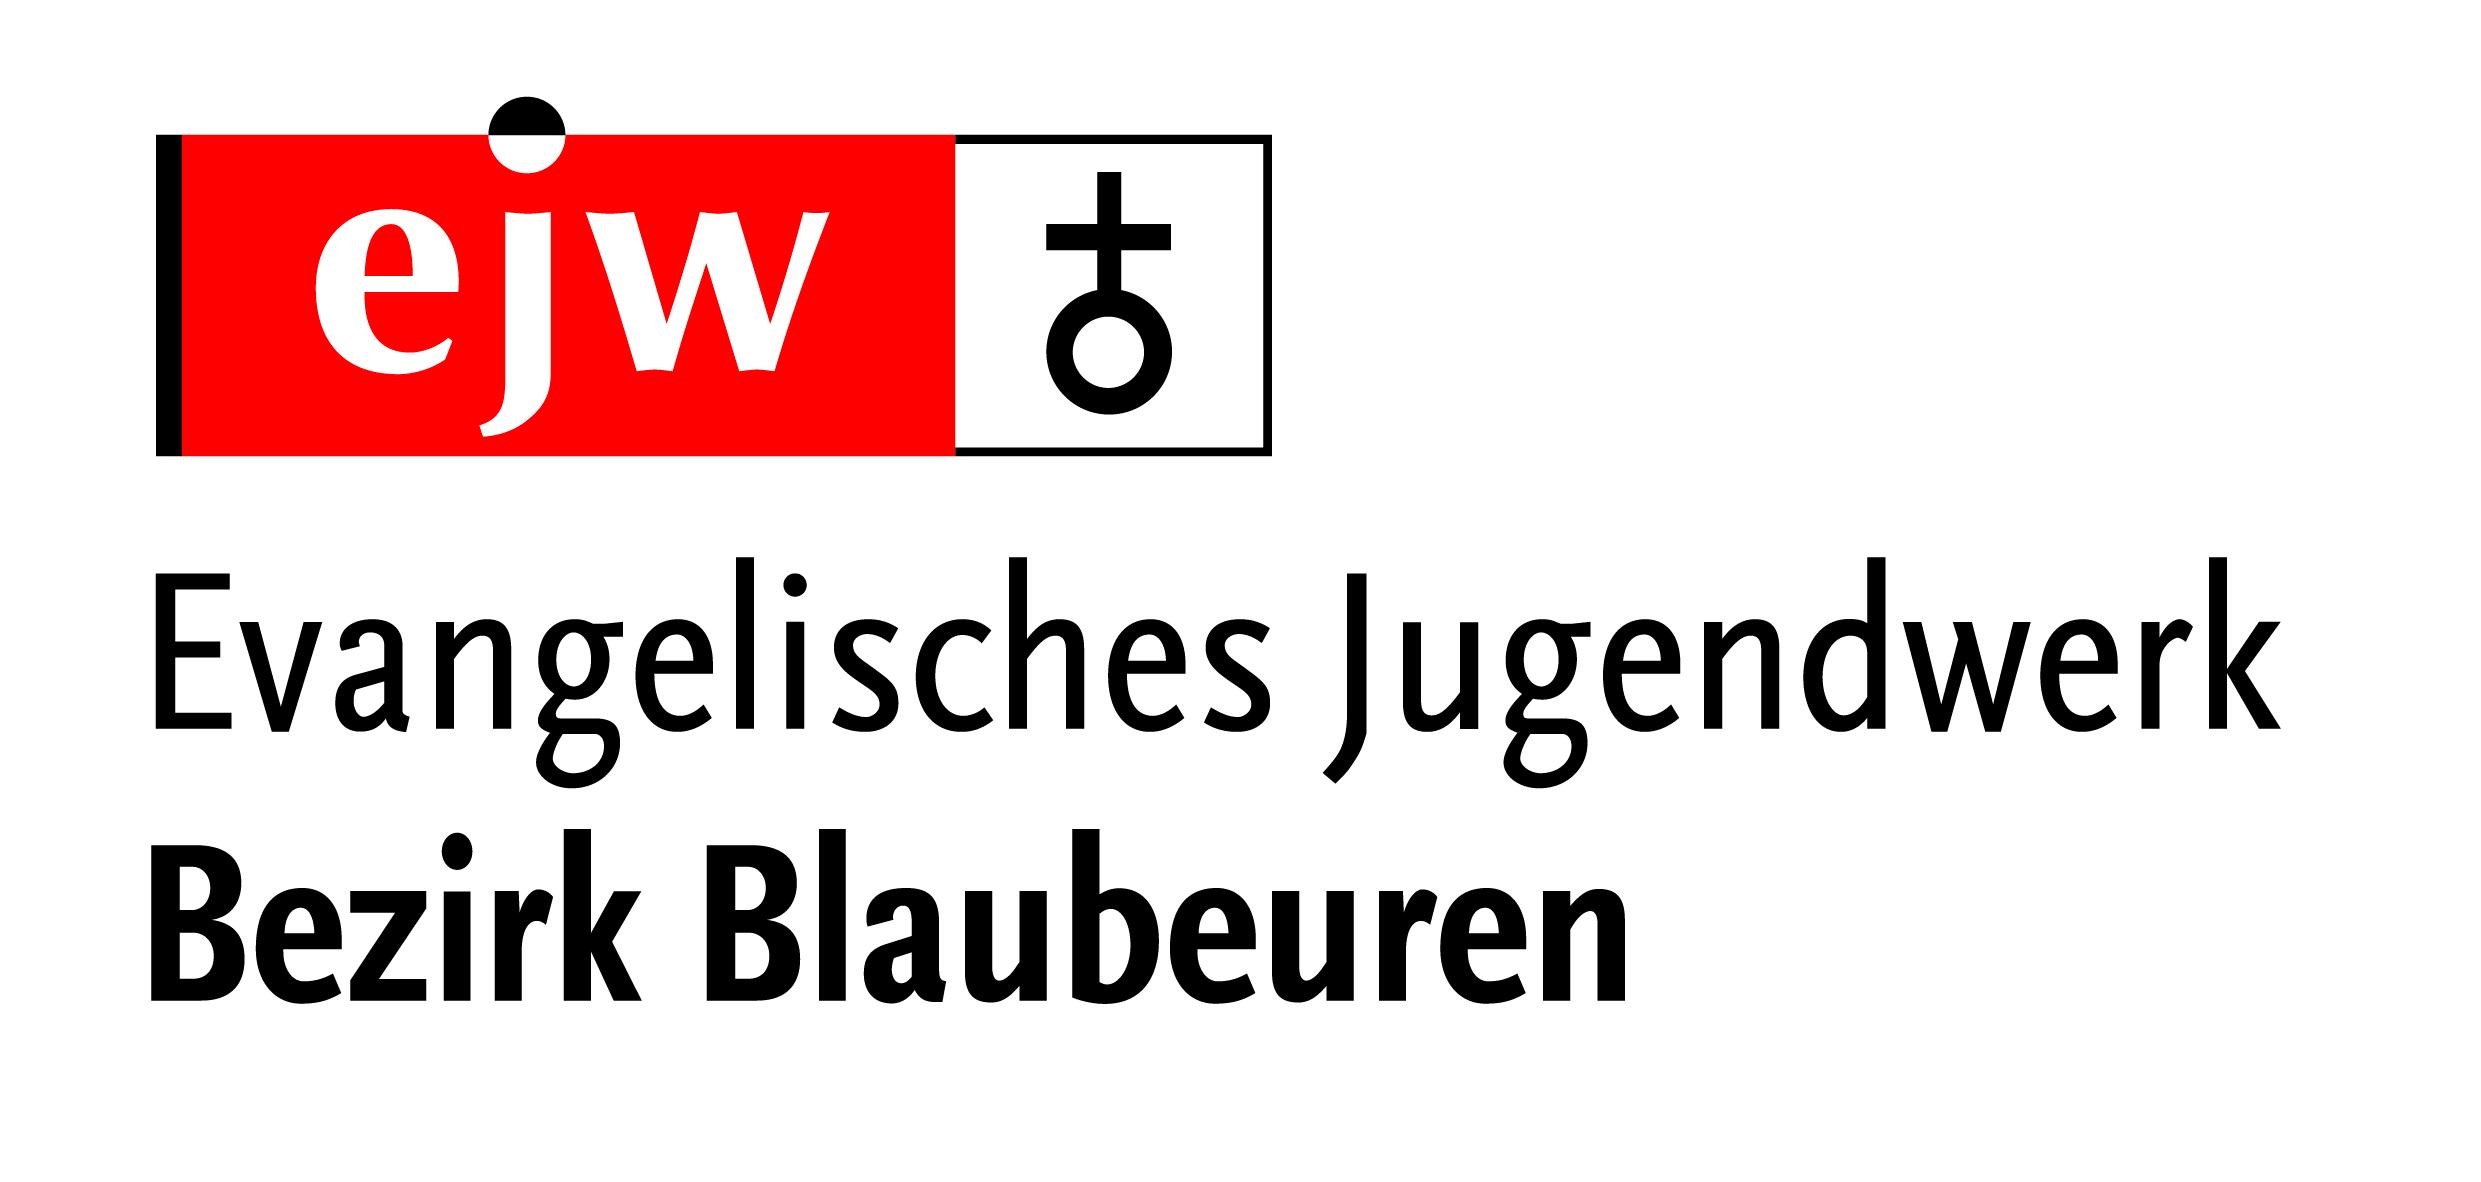 Evangelisches Jugendwerk Bezirk Blaubeuren